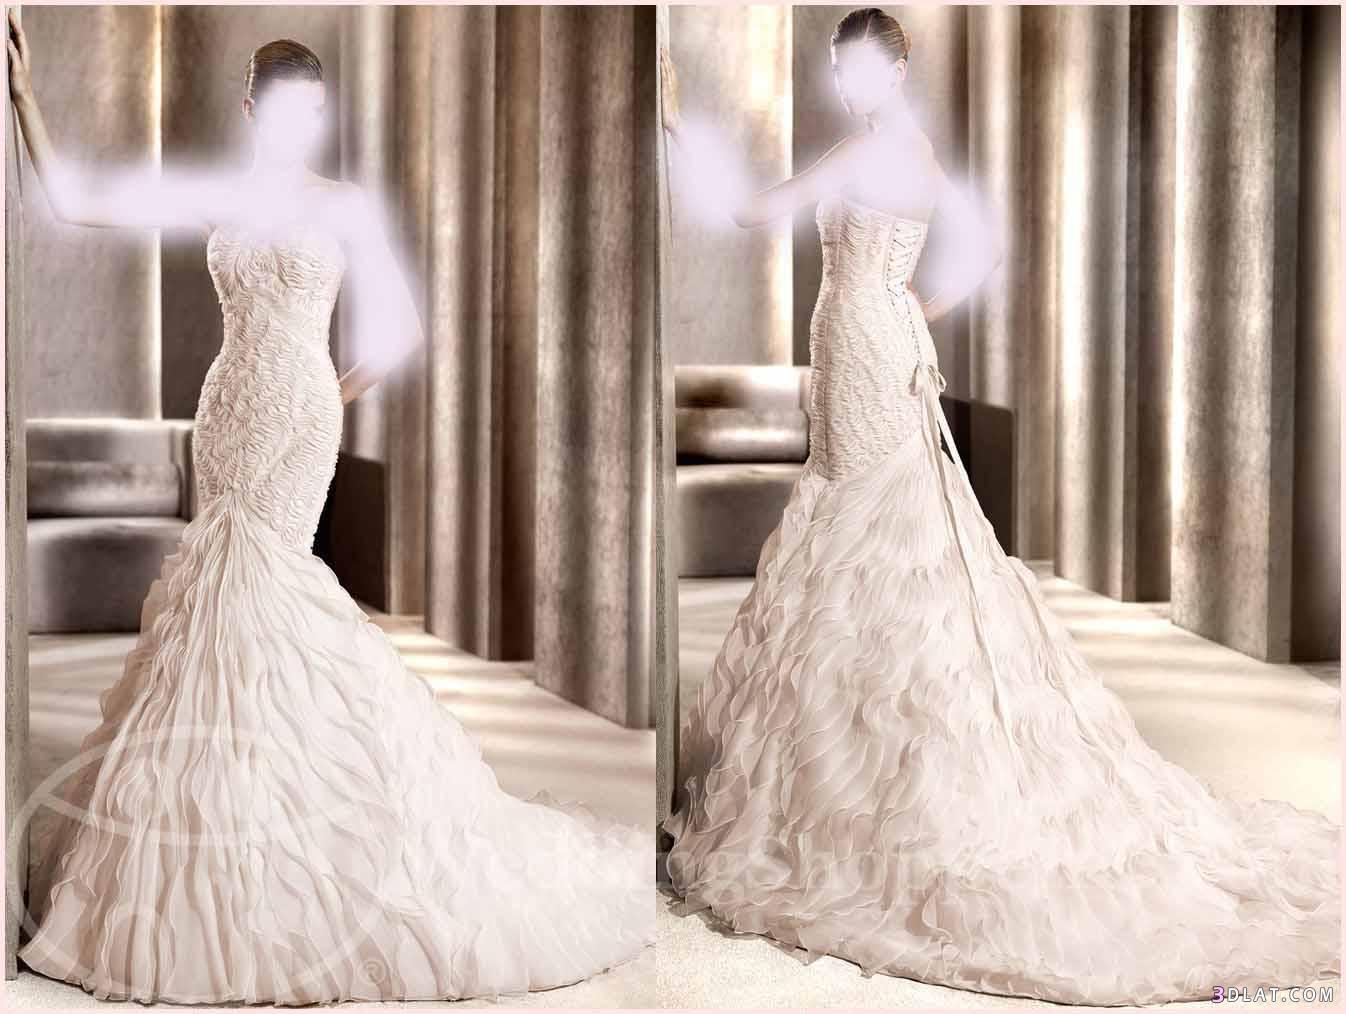 فساتين زفاف روعه فساتين افراح جميله